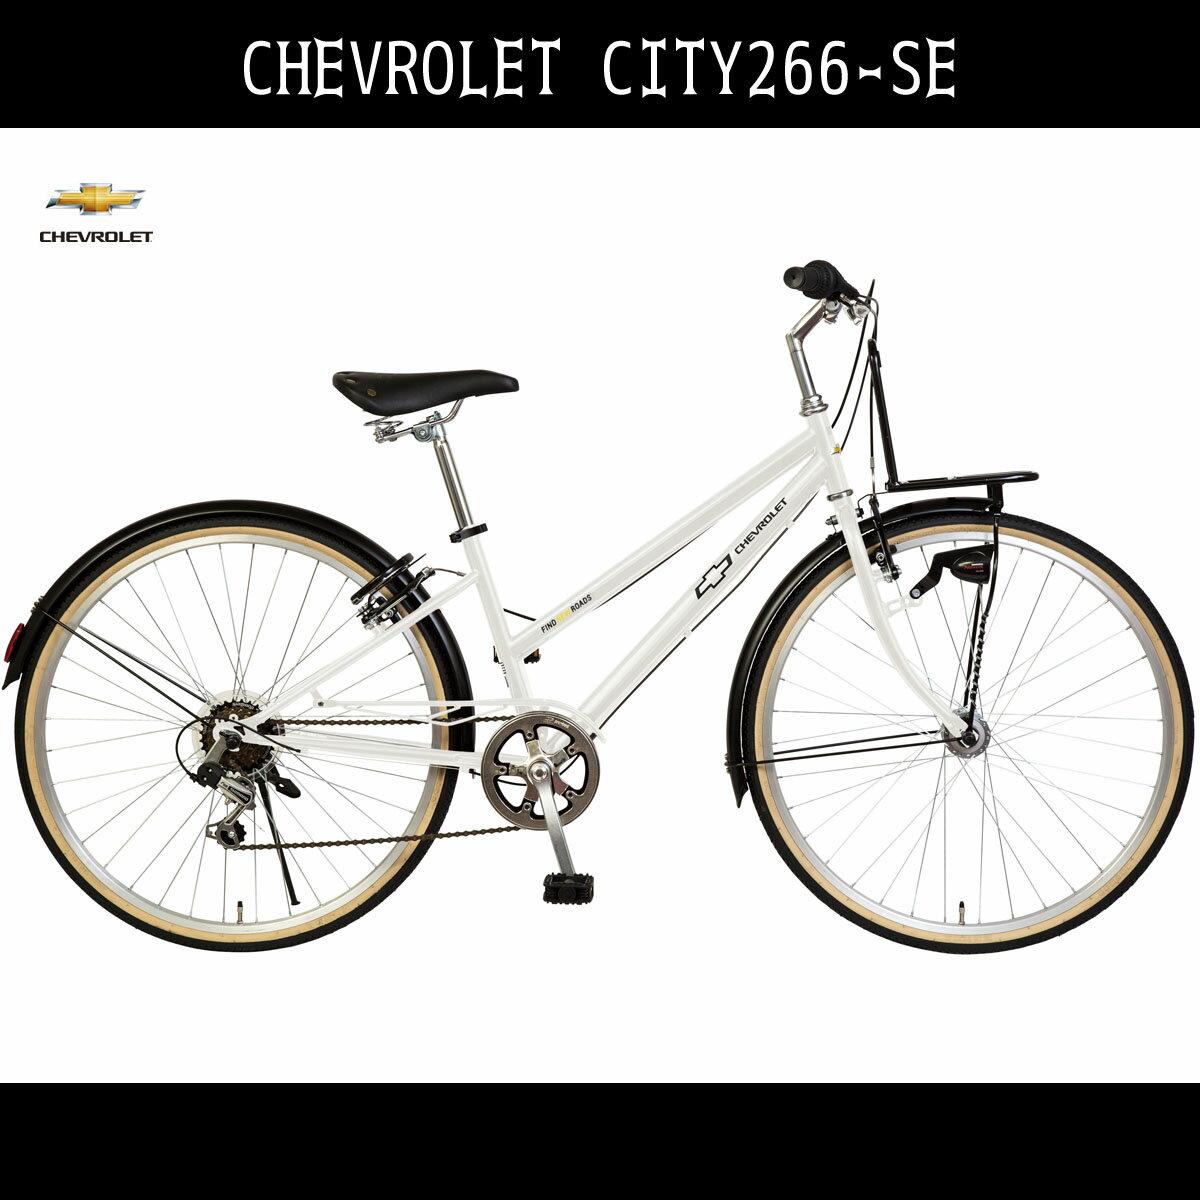 <関東限定特別価格>CITY266-SE シボレー 自転車 シェビー CHEVY CHEVROLET LEDオートライト、鍵付き 外装6段変速ギア シティサイクル 26インチ 白 ホワイト シティ車 シティクロスバイク 自転車 シボレー シティサイクル 送料無料